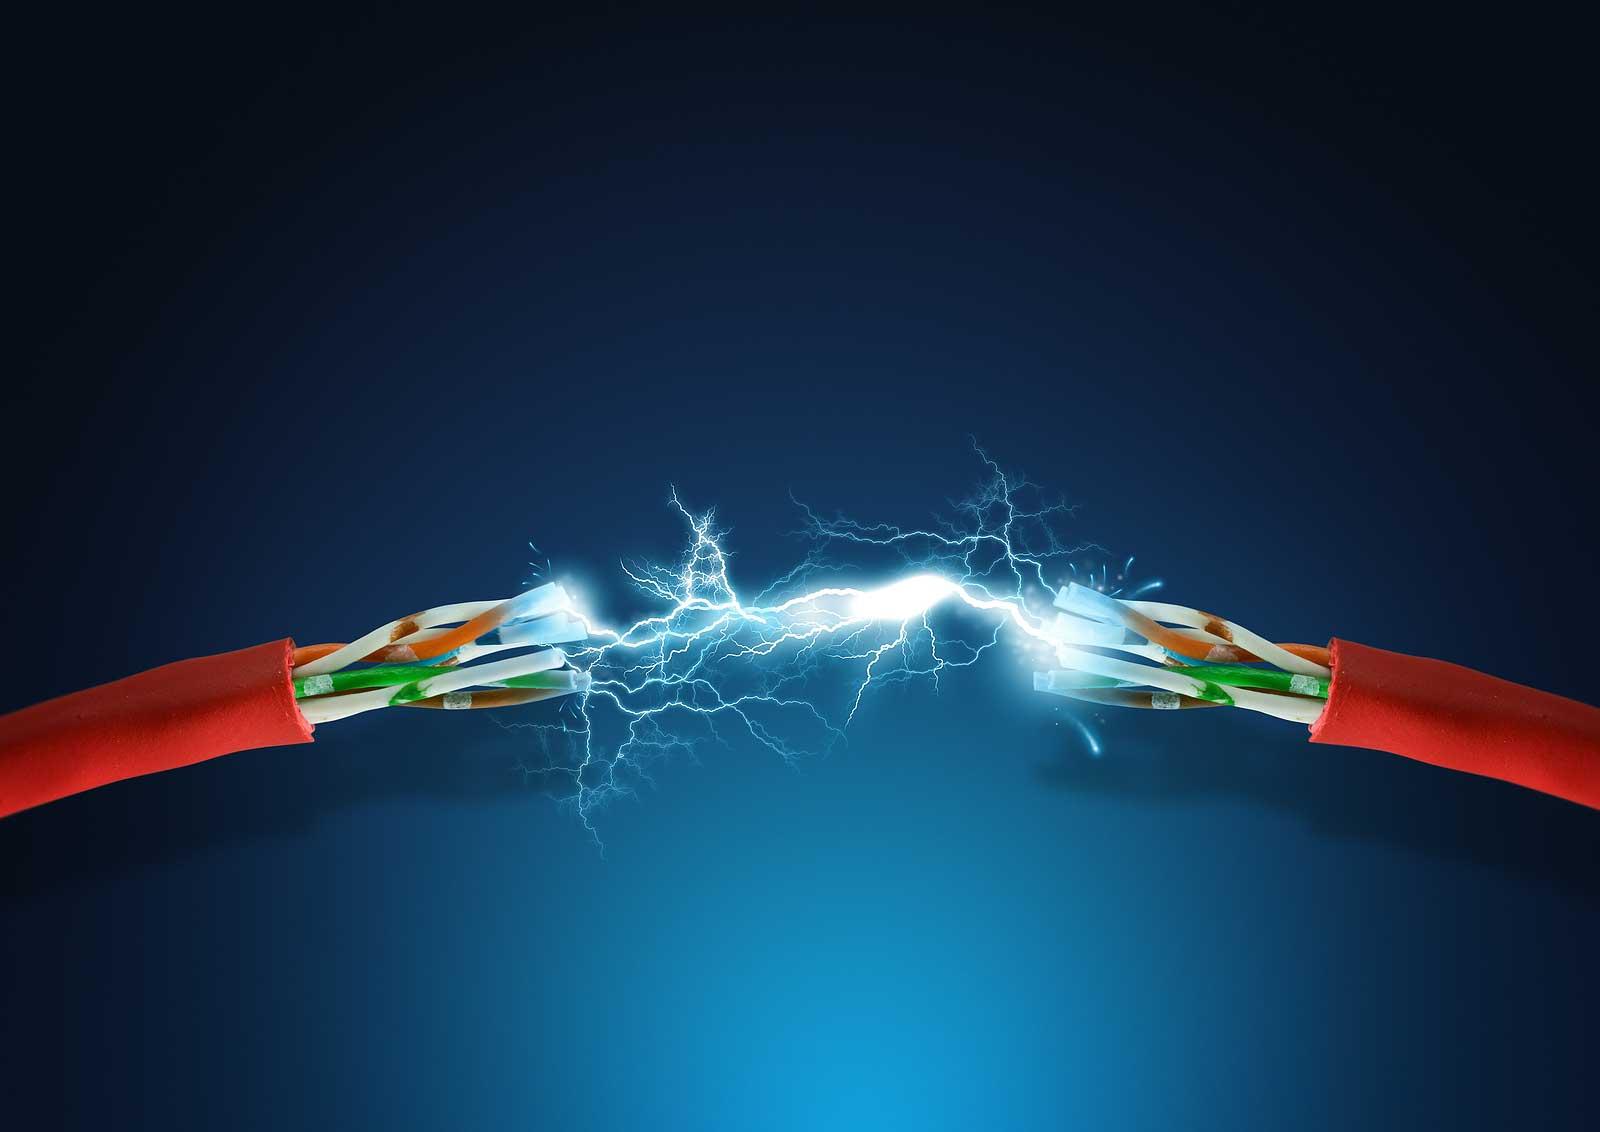 energia-eletrica-blog-da-engenharia